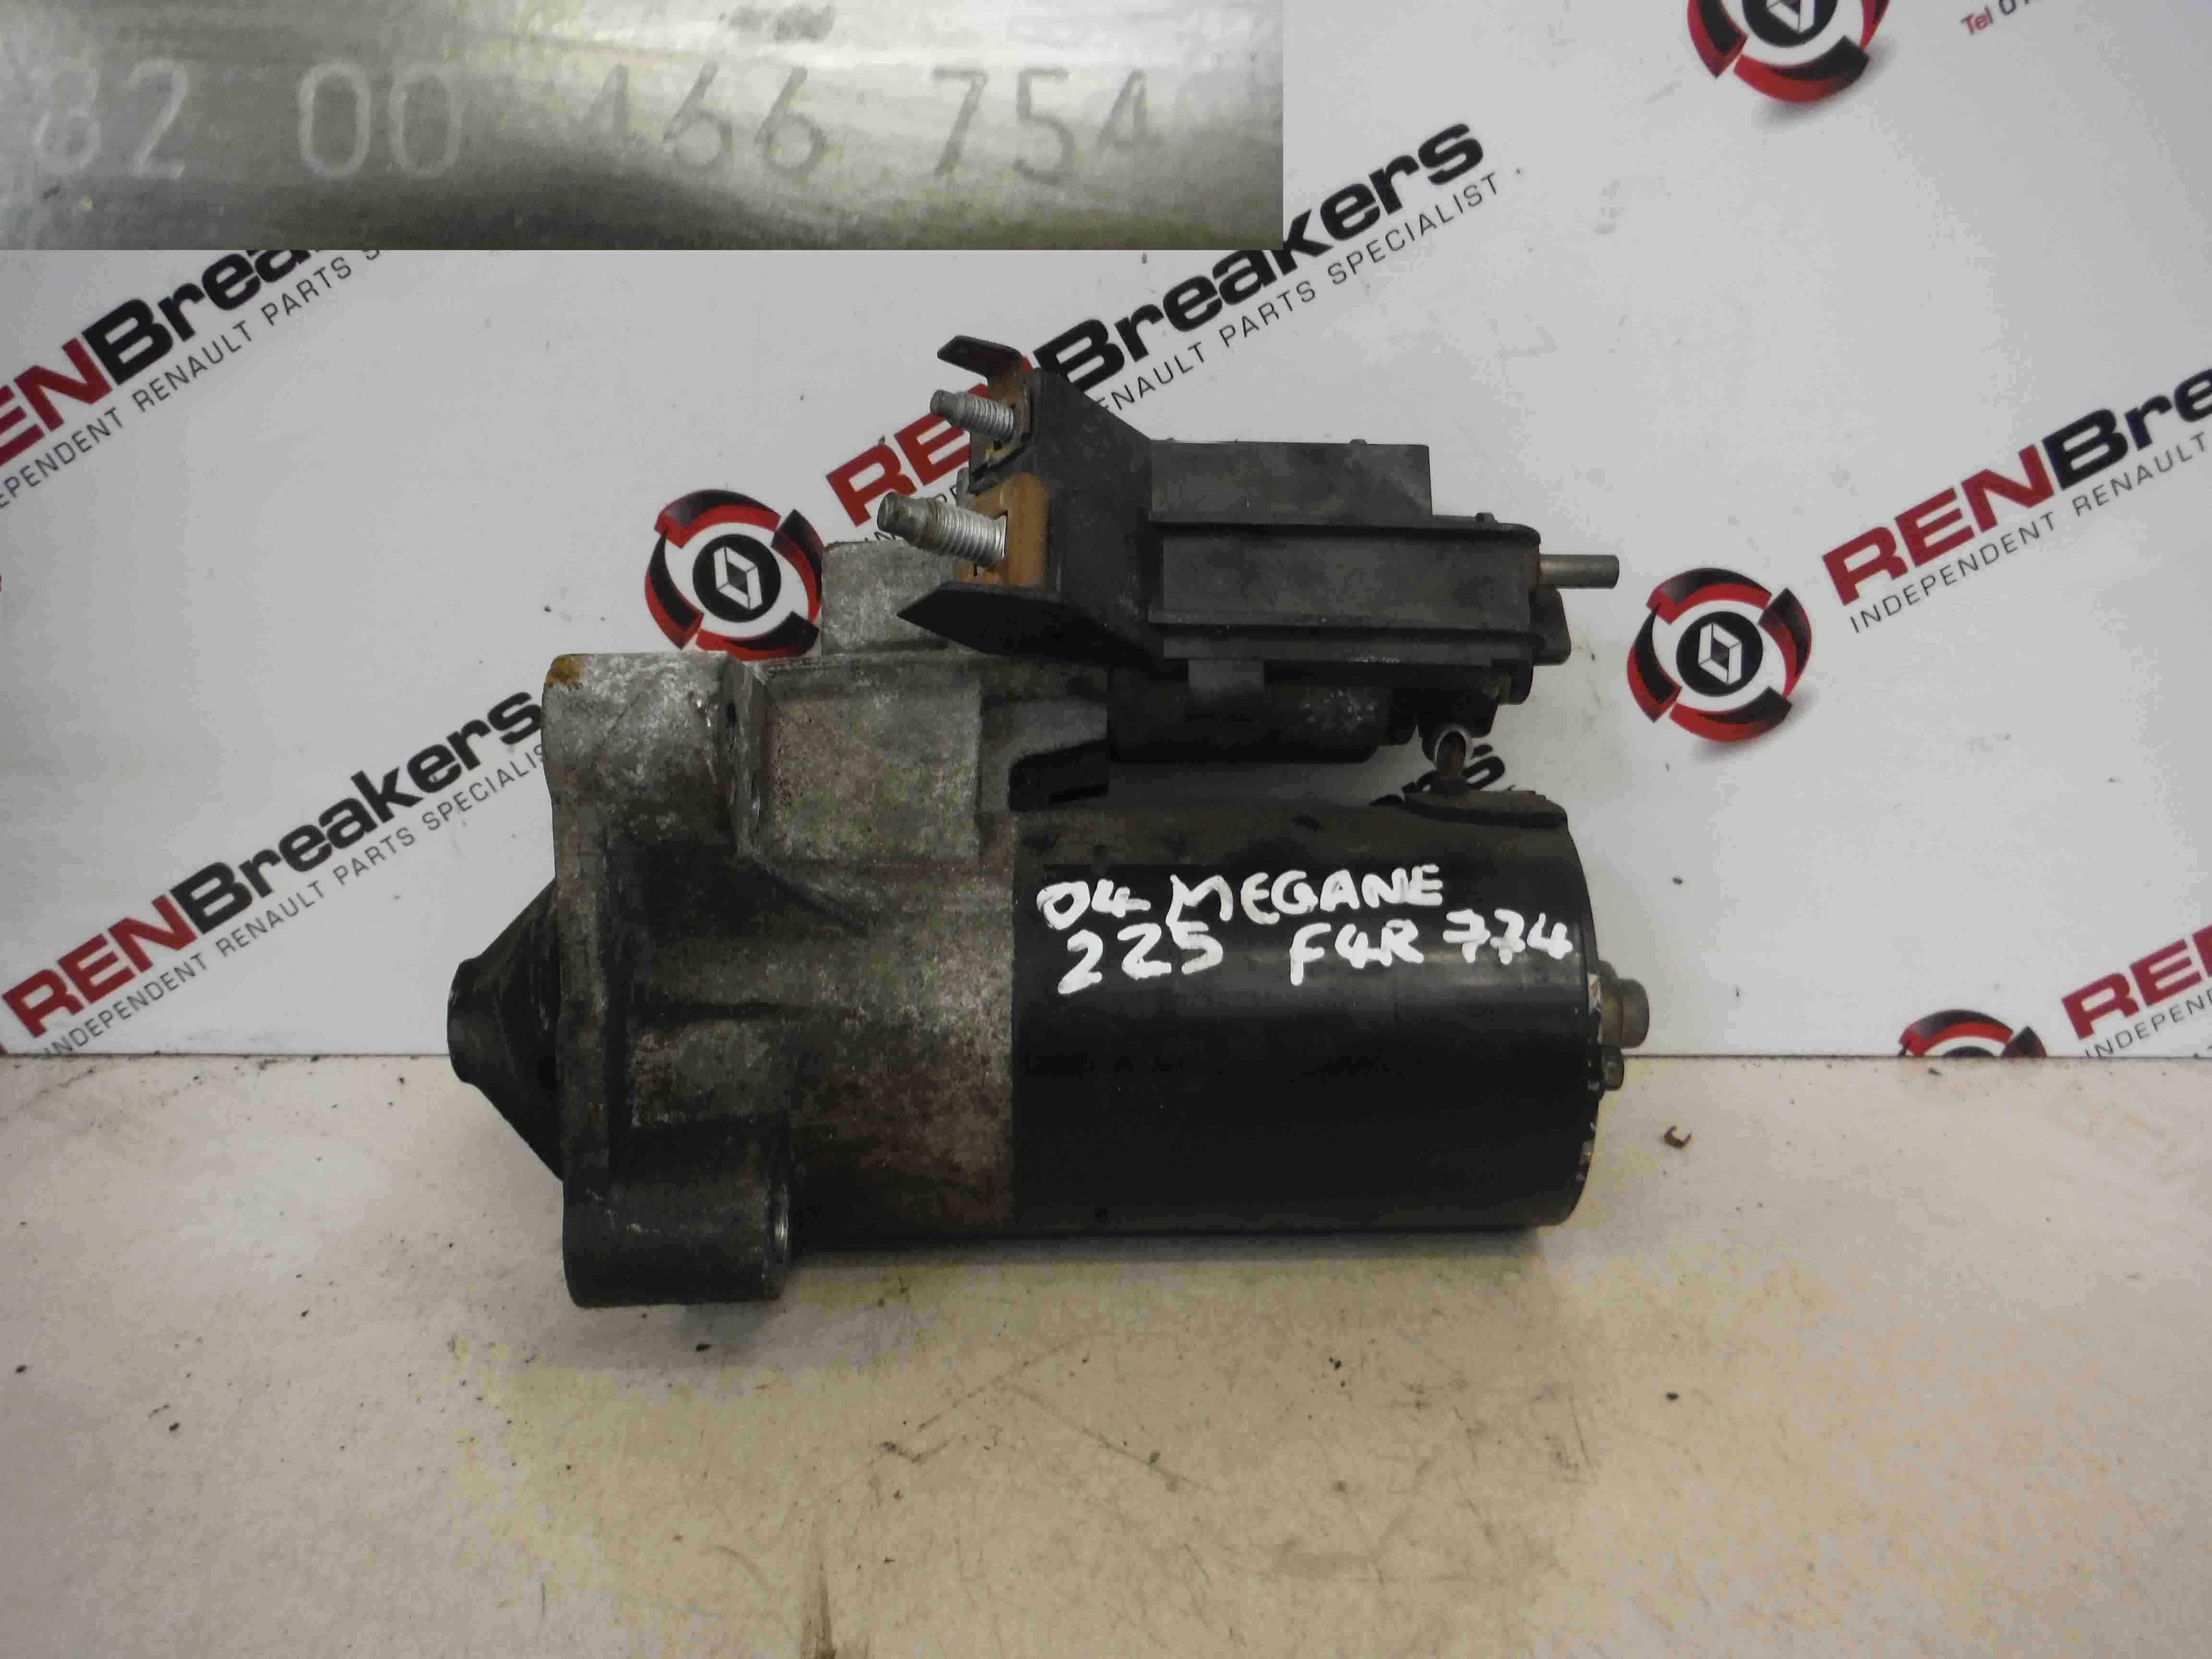 Renault Megane Sport 2002-2008 225 2.0 16v Starter Motor  F4R 774 8200466754